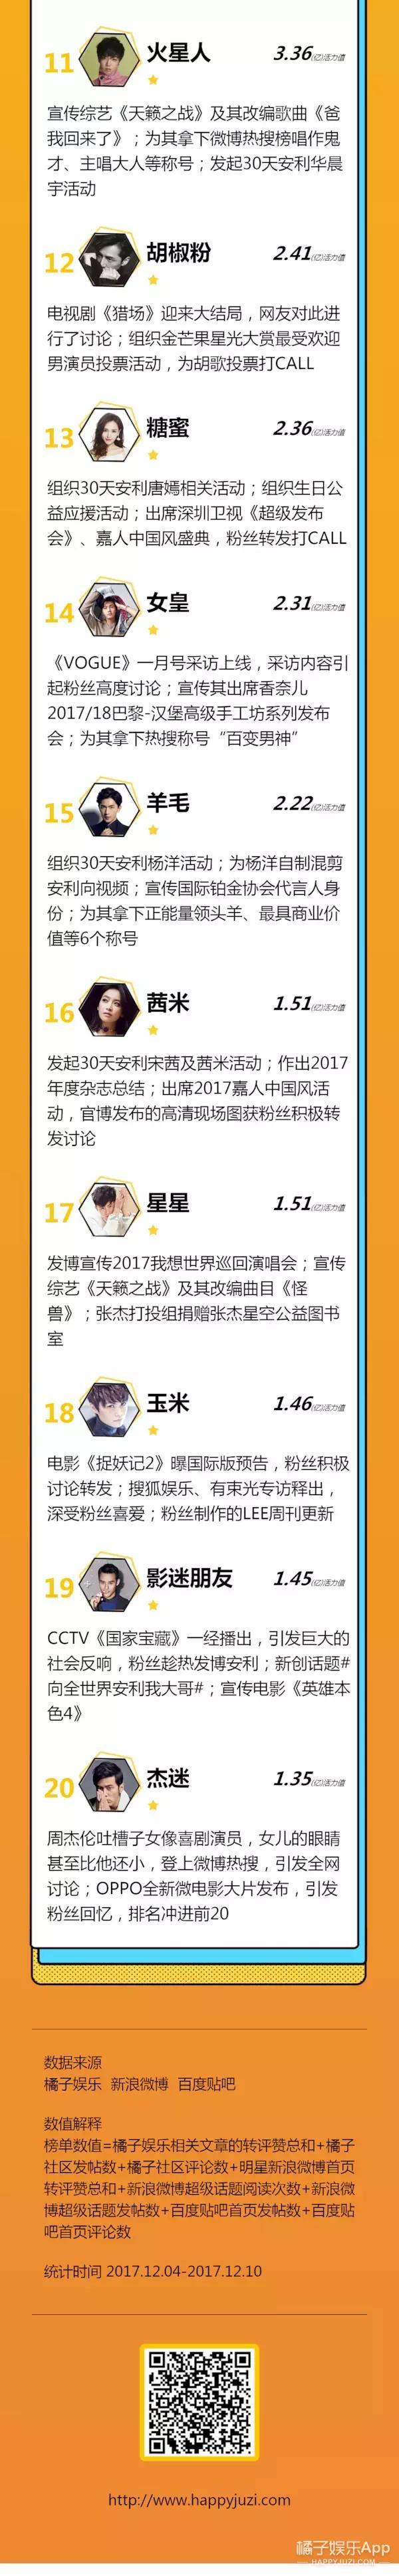 粉丝活力榜揭晓:Xback助刘海哥拿下全能歌手